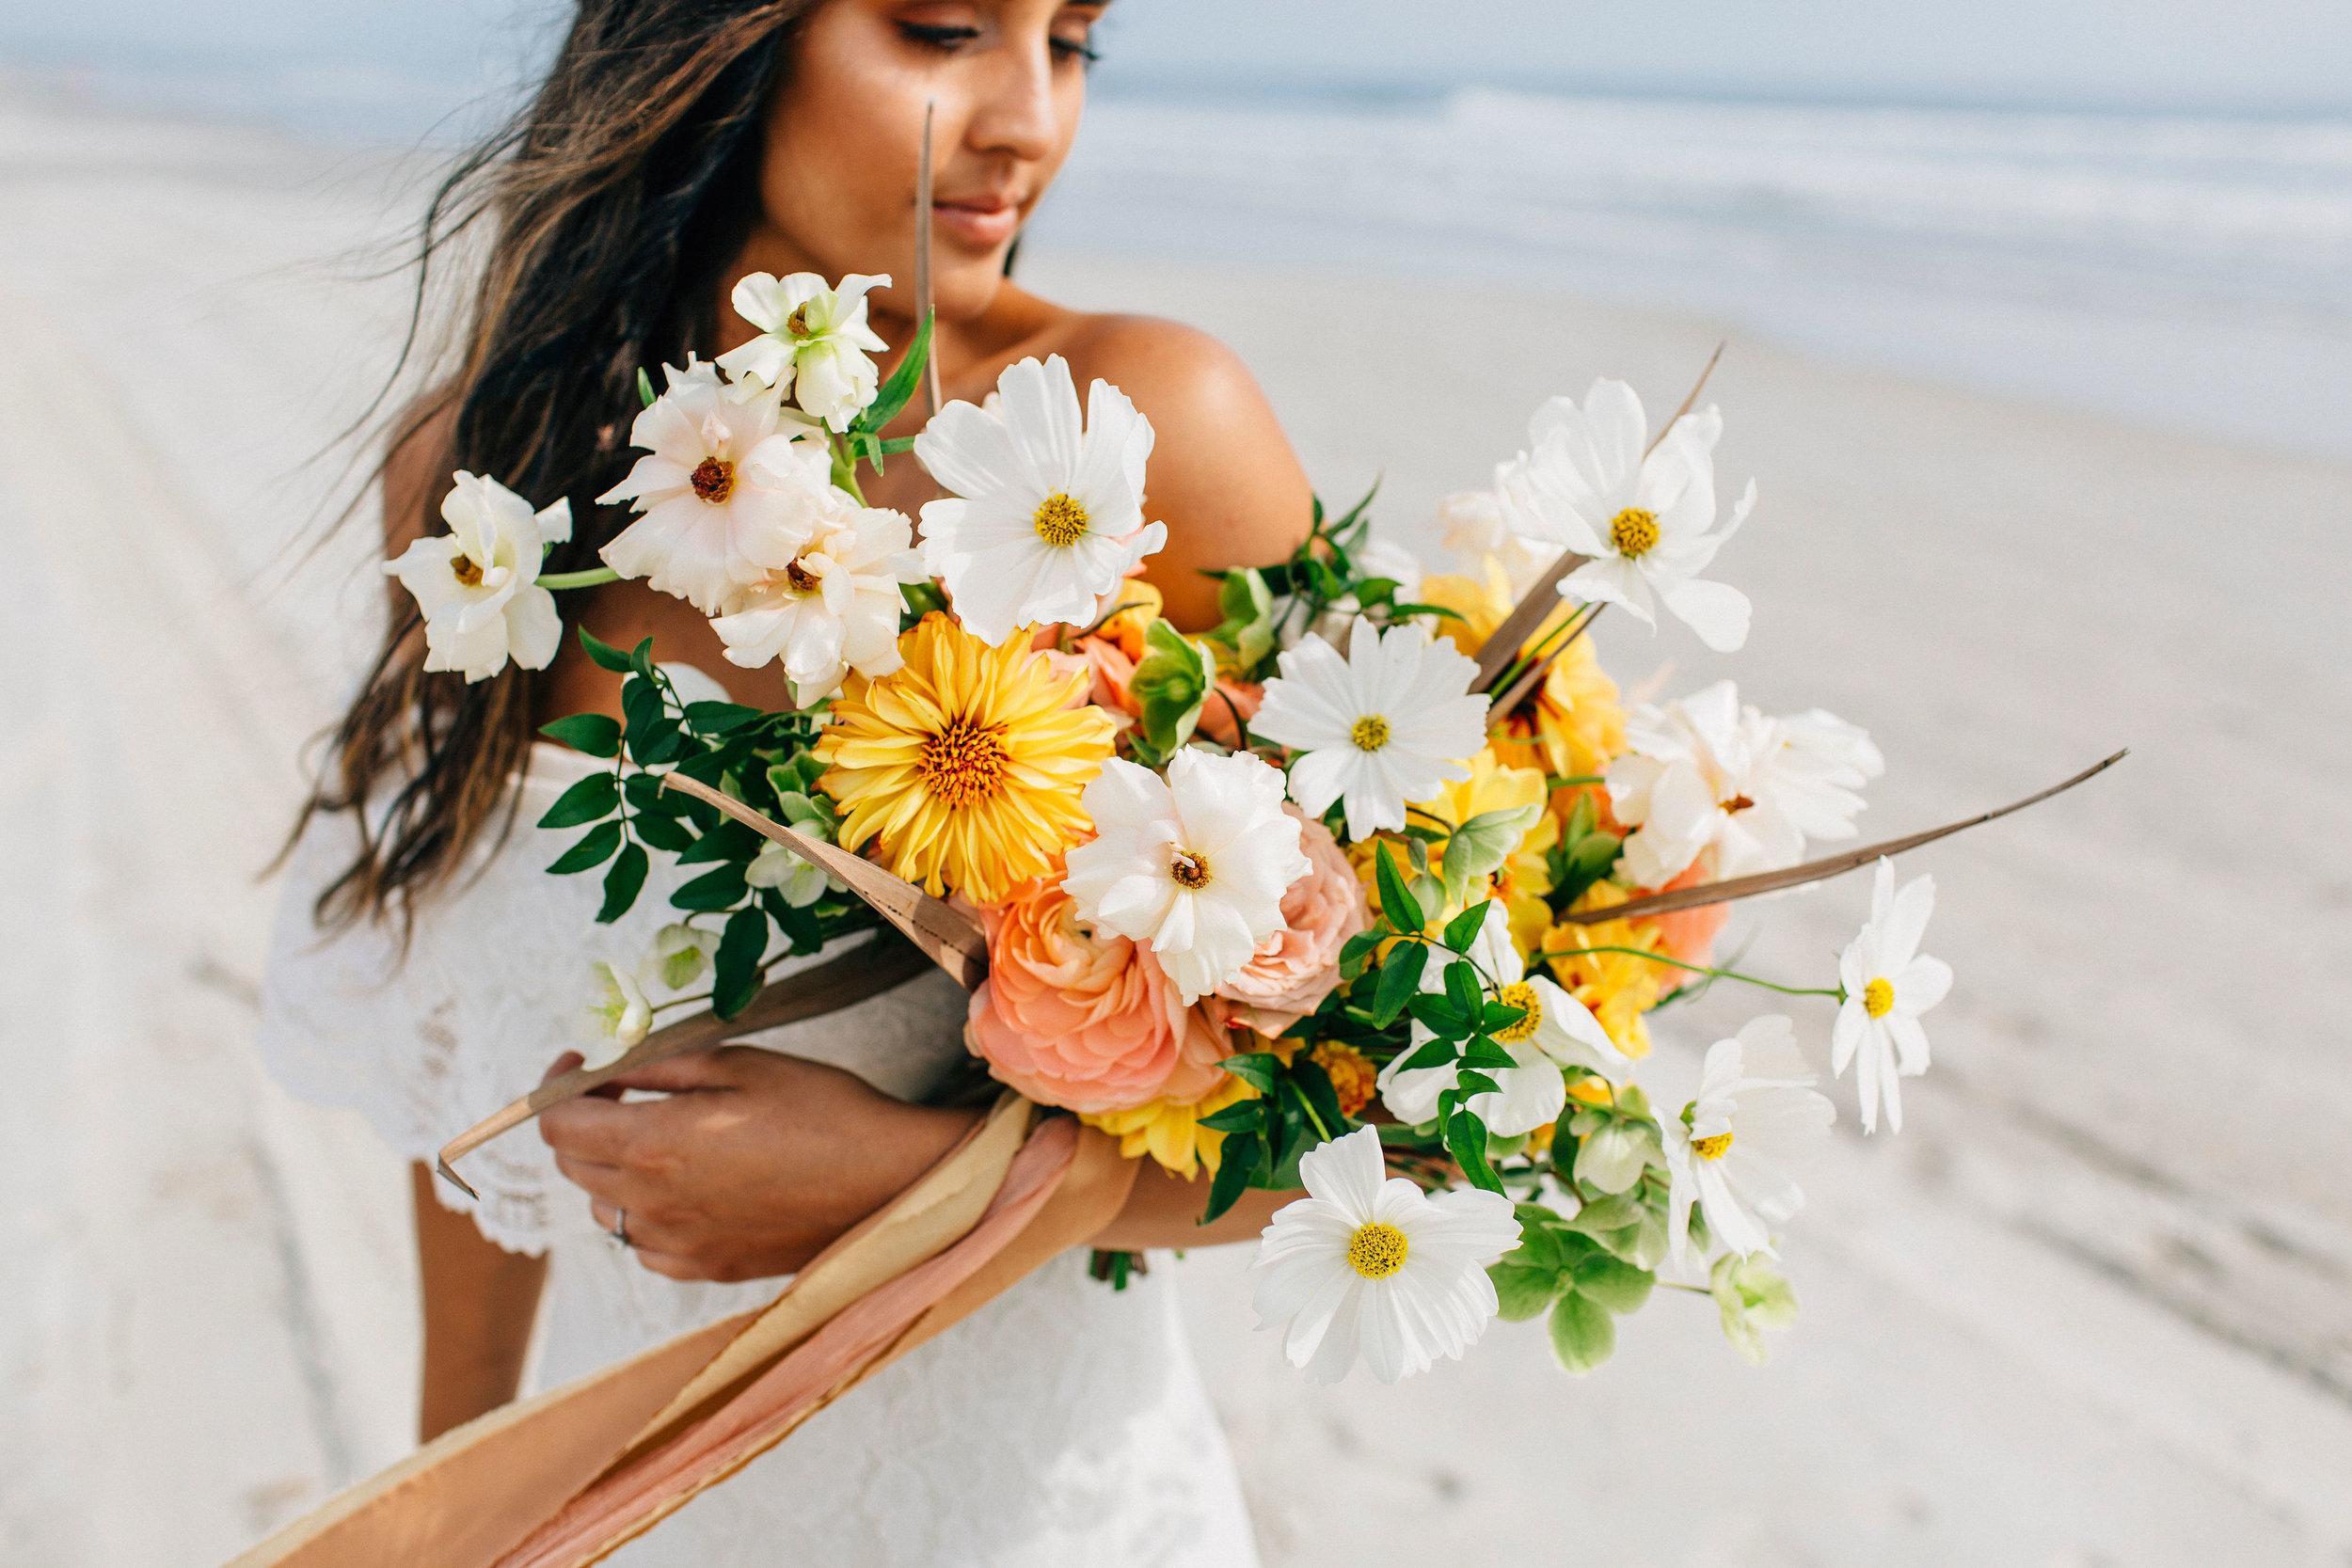 beachflowers-beachweddingflowers-savannahbride-bohowedding-bohobeachwedding-colorfulflowers1.jpg